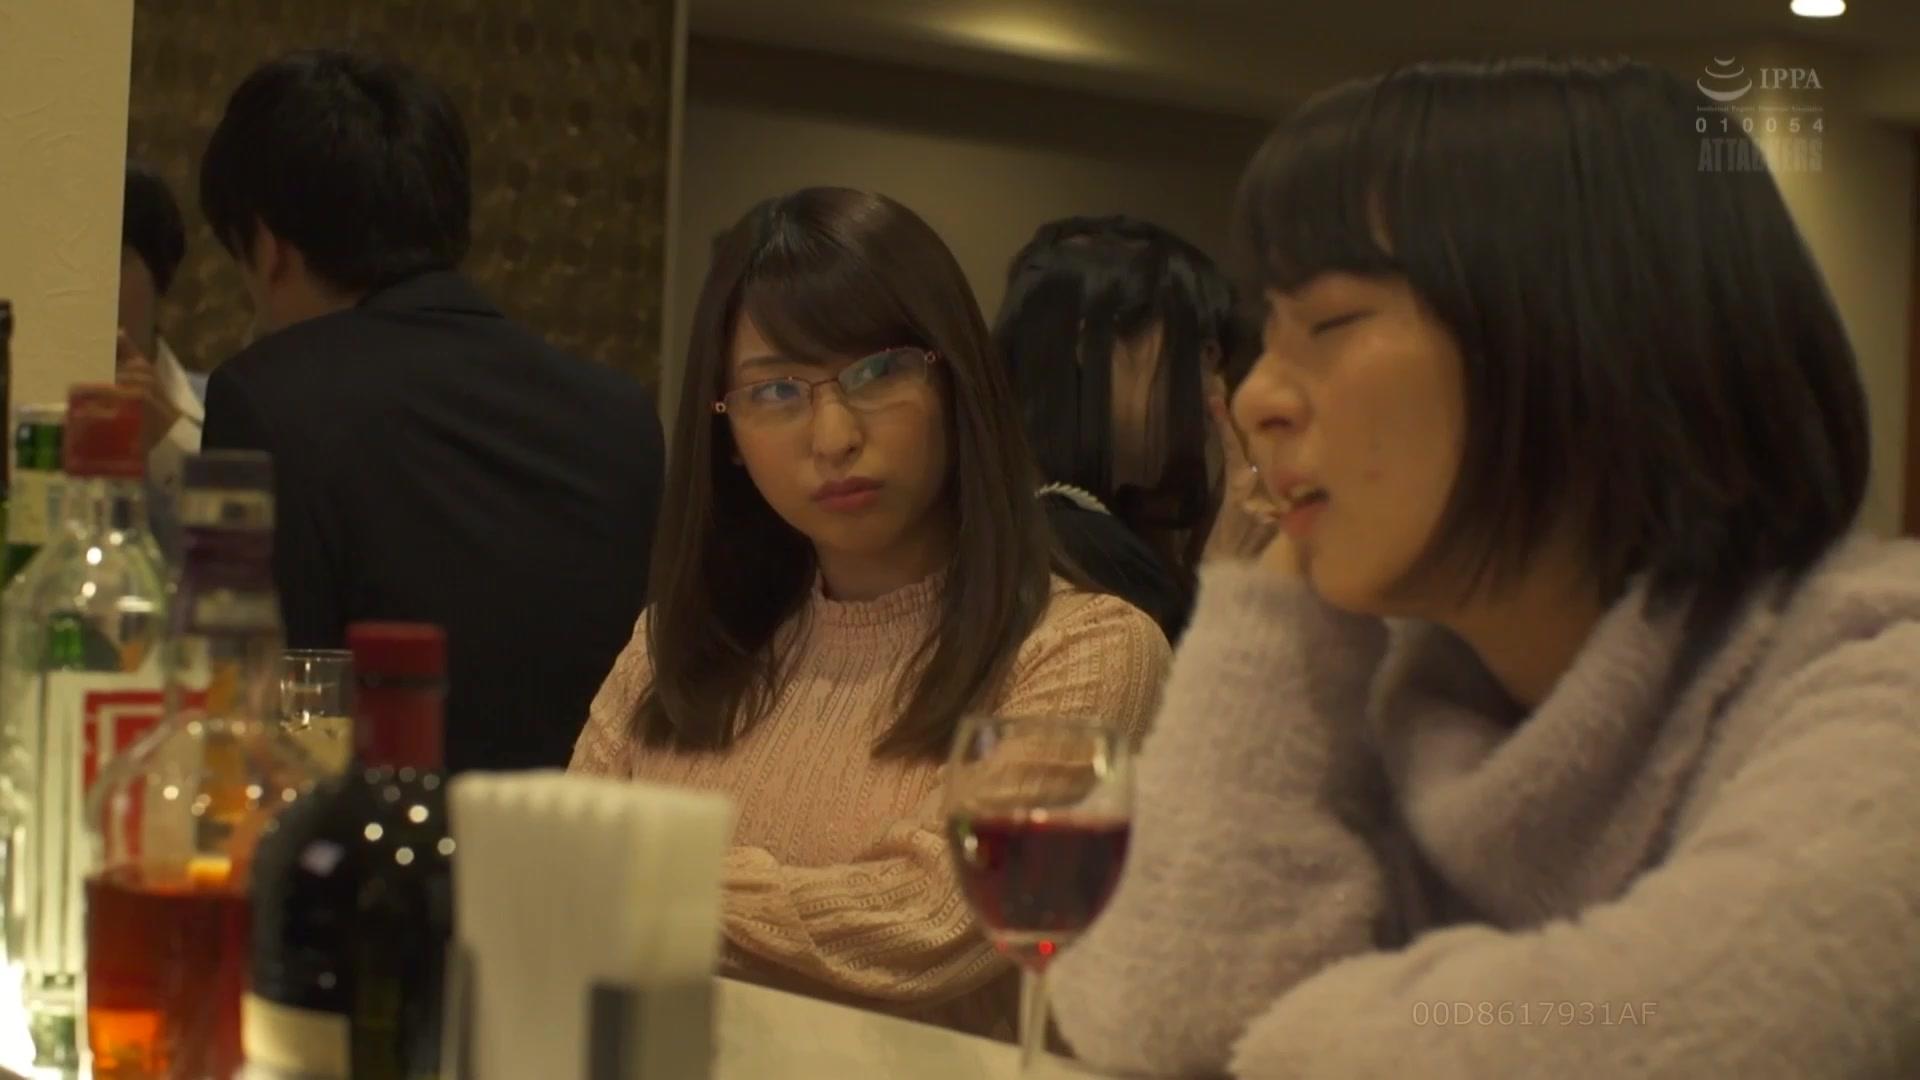 [ADN-218] 恩師と朝まで… 秋山祥子【破解】 - 1of5